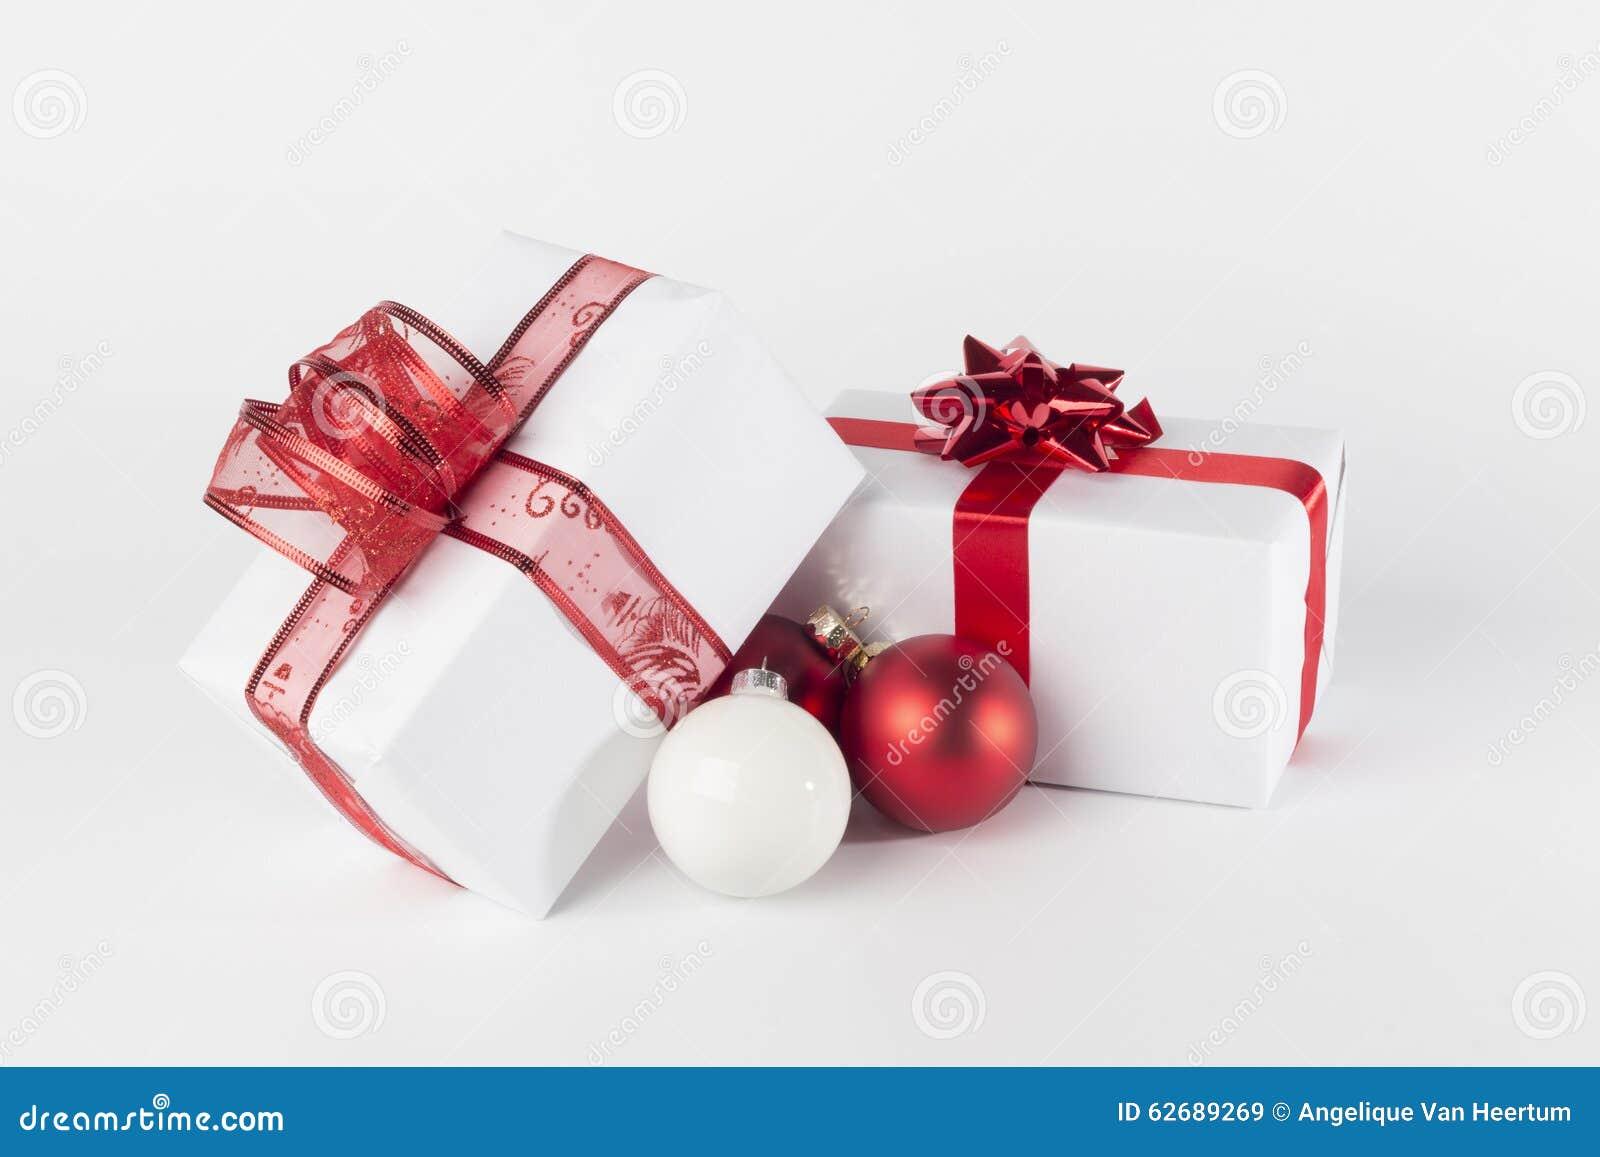 Christmas Presents And Christmas Balls, Isolated Stock Image - Image ...